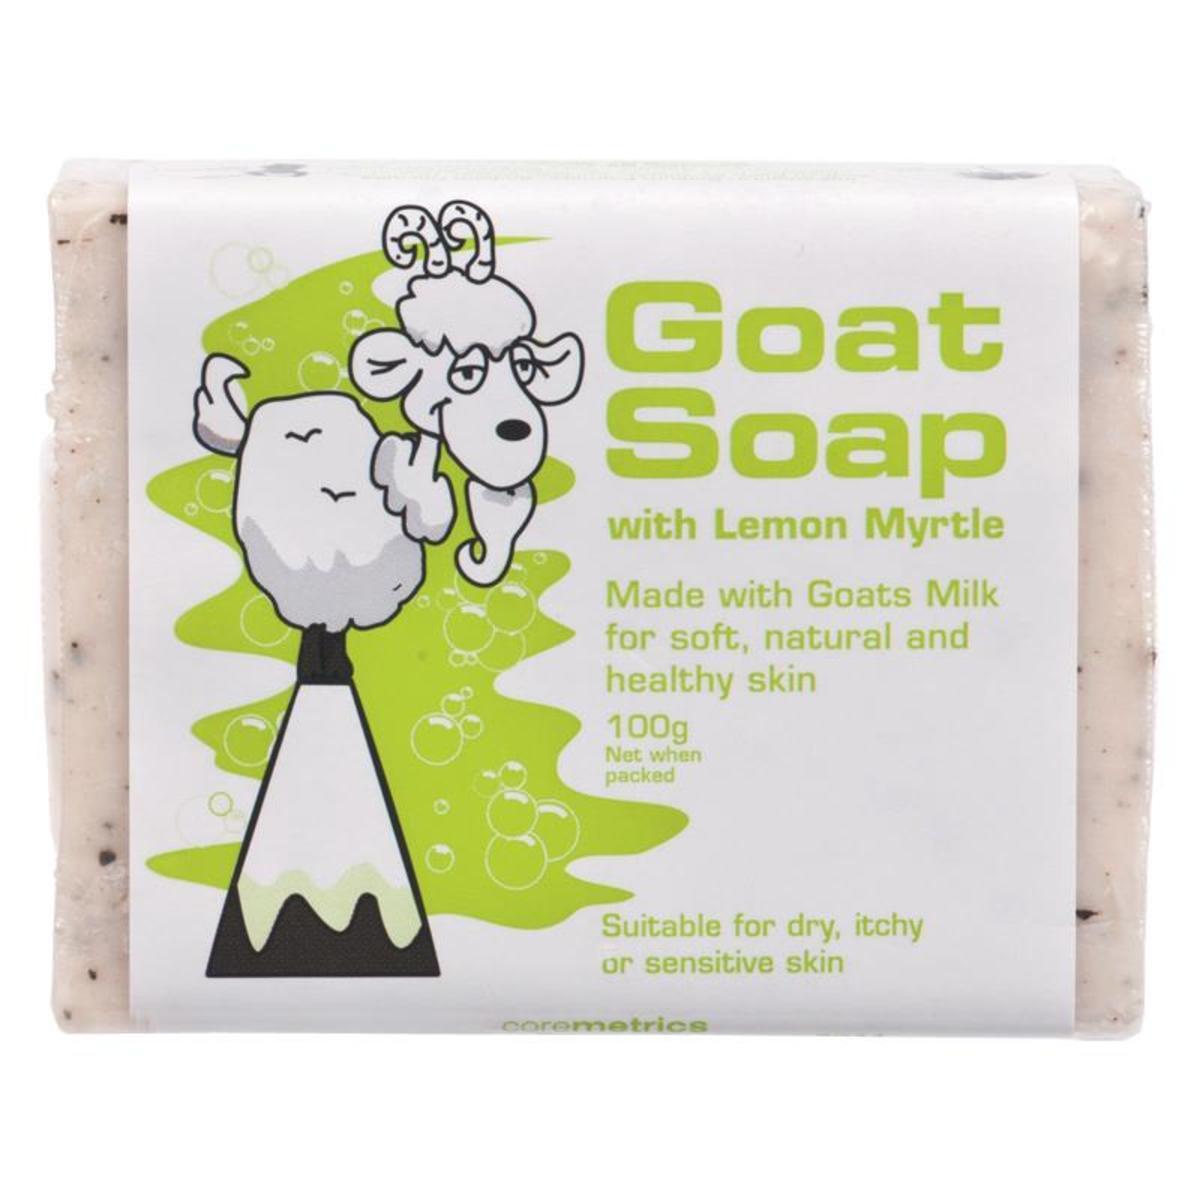 Goat Soap with lemon Myrtle 100g (Parallel Import)